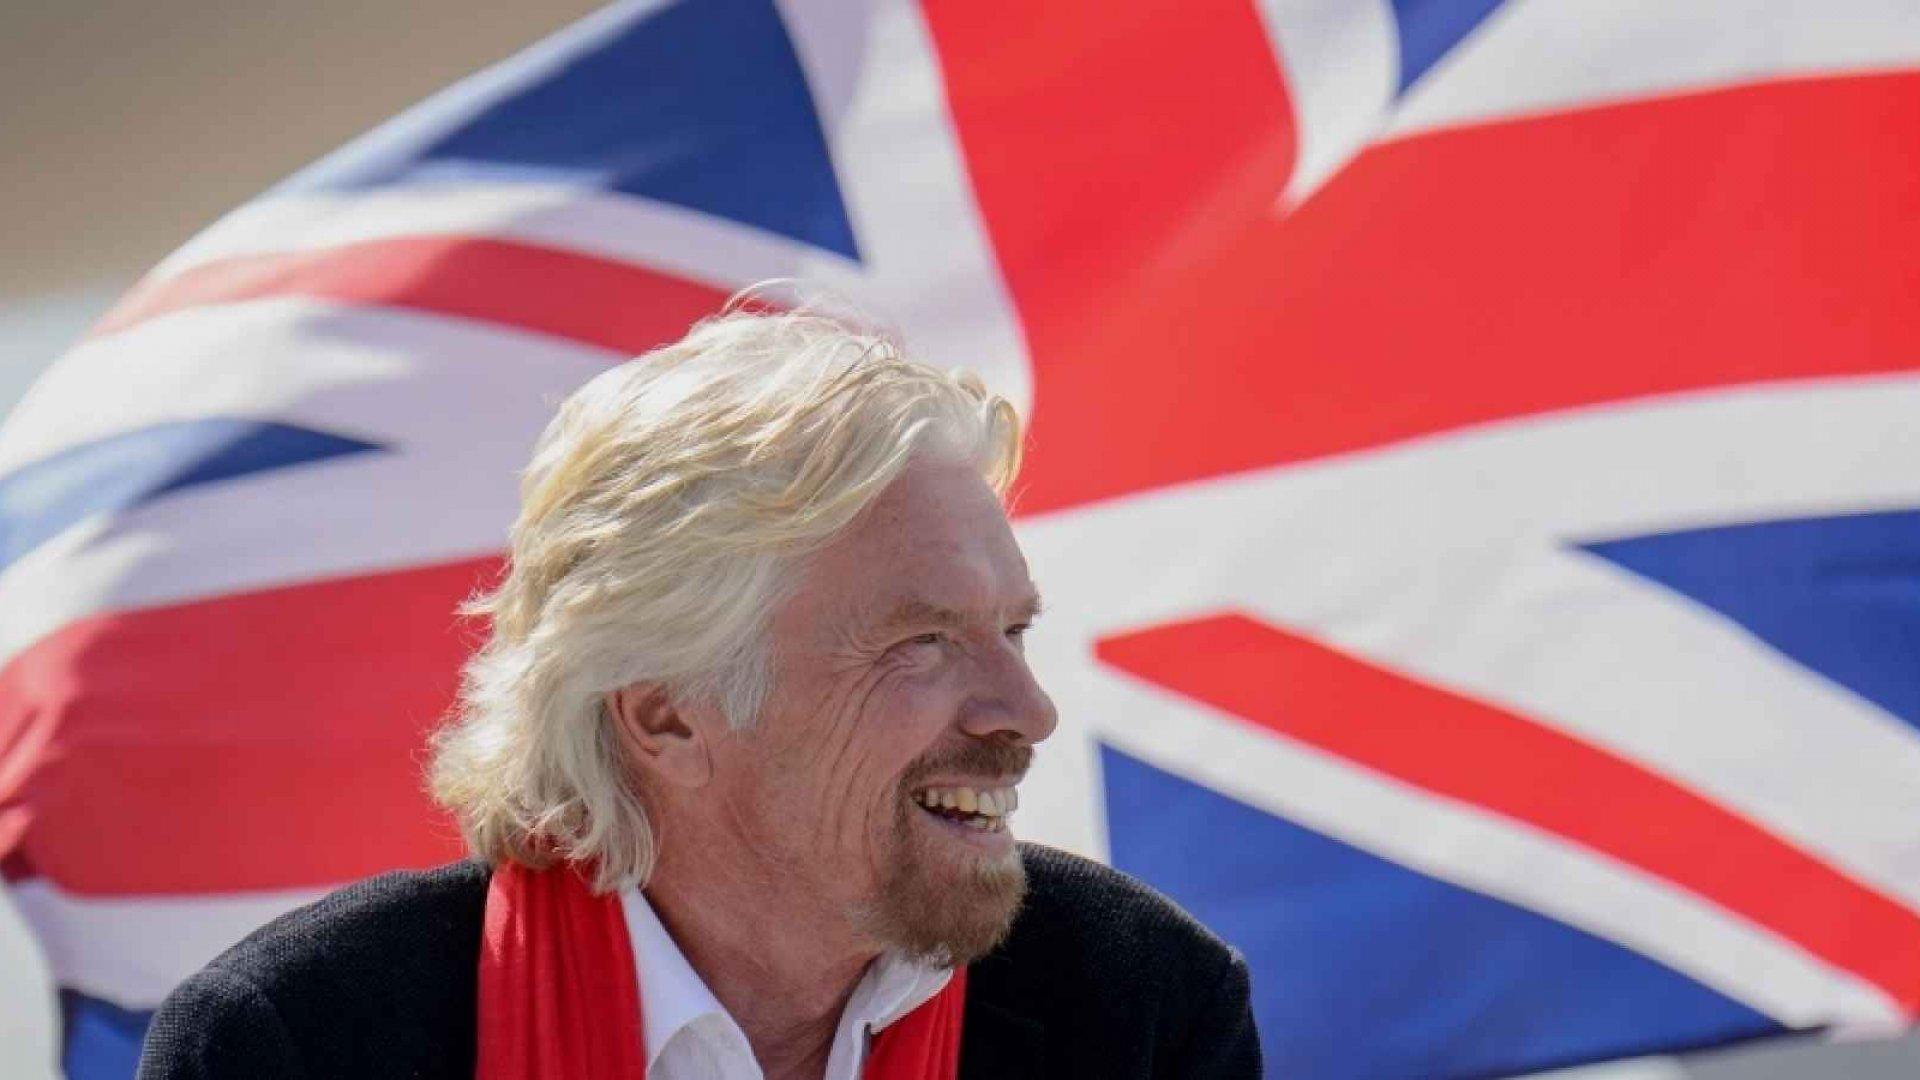 10 Famous Entrepreneurs With a Surprising Past